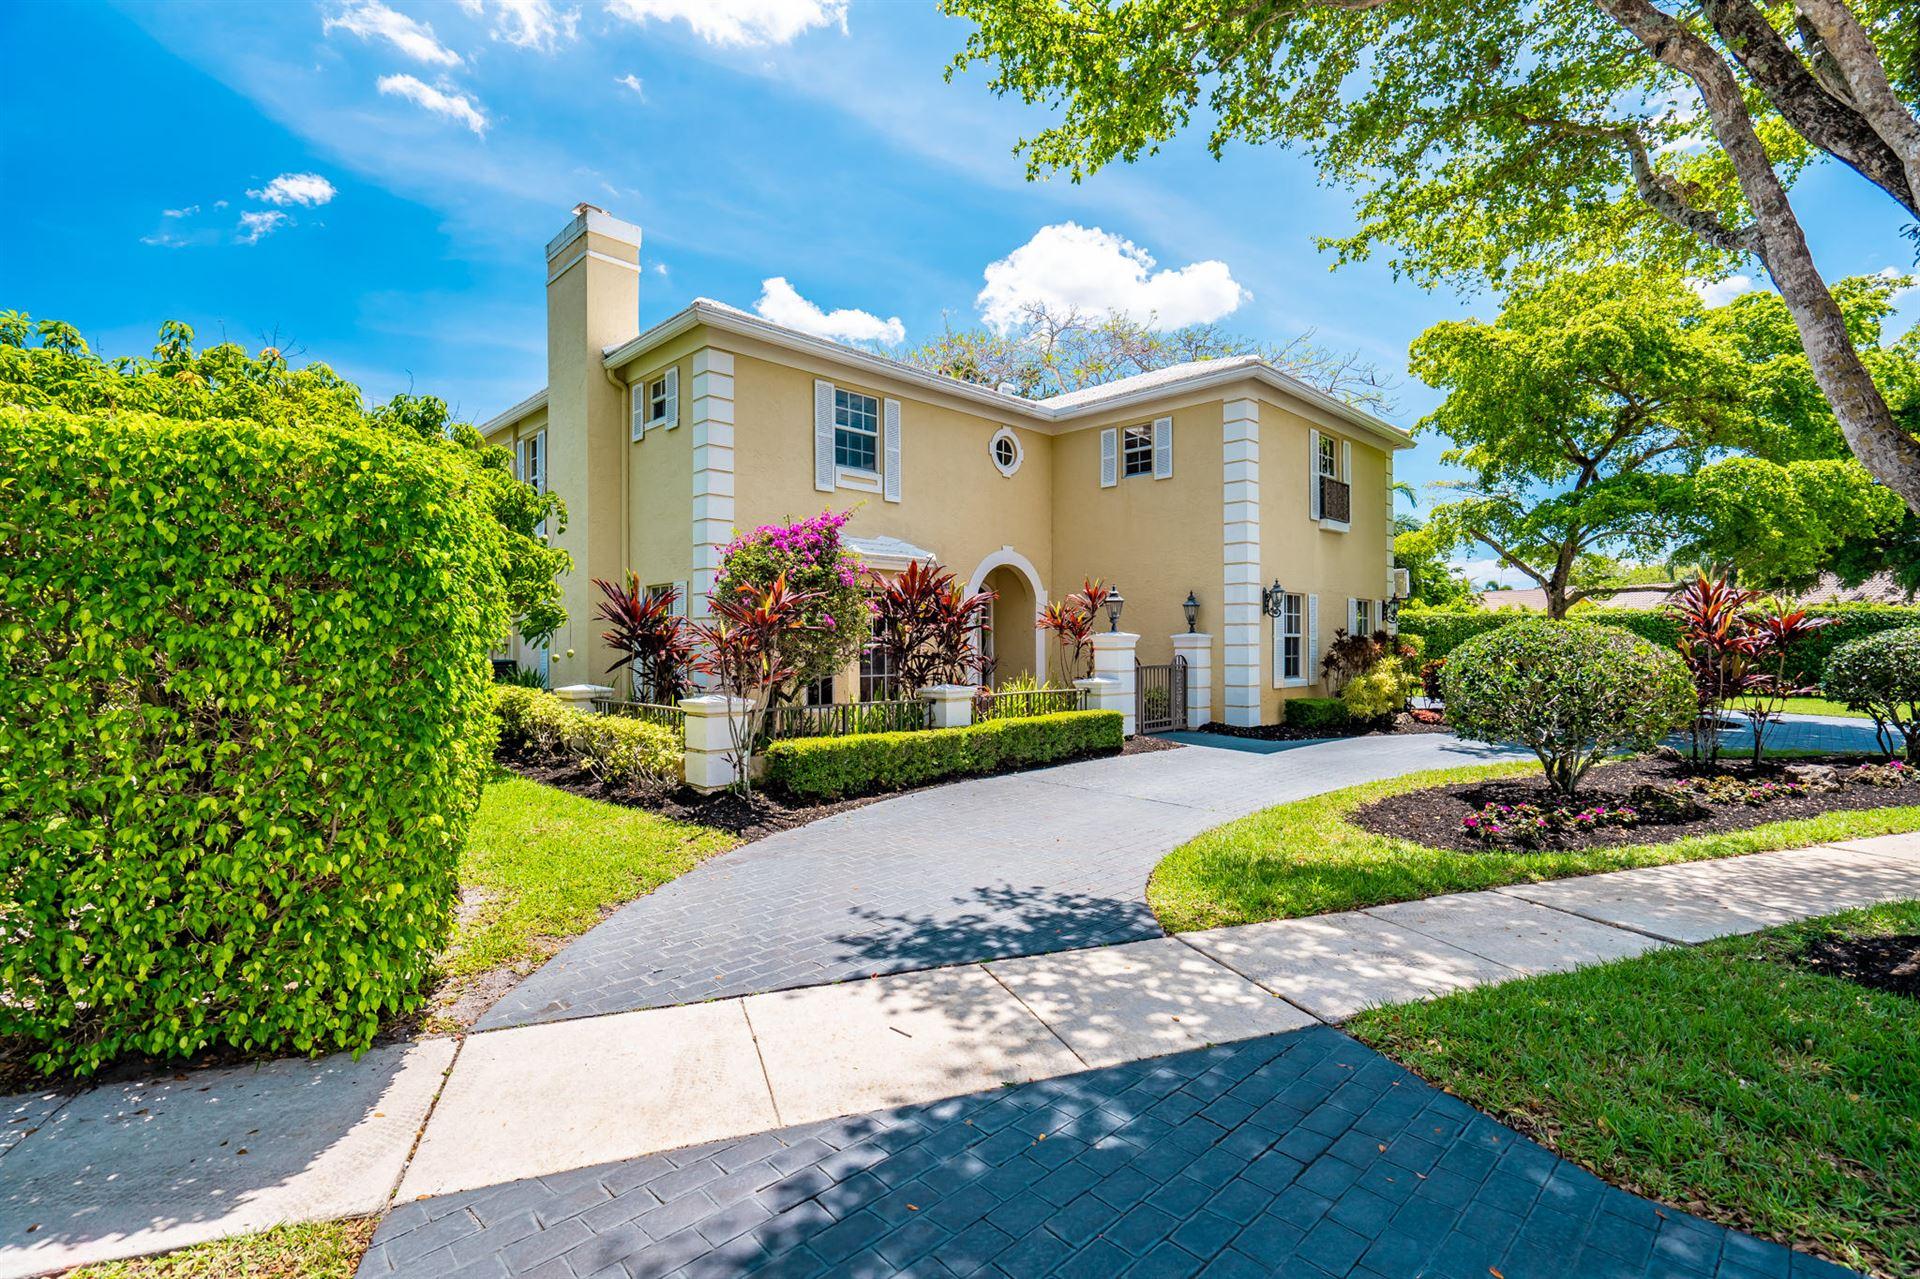 4600 NW 27th Avenue, Boca Raton, FL 33434 - #: RX-10620444